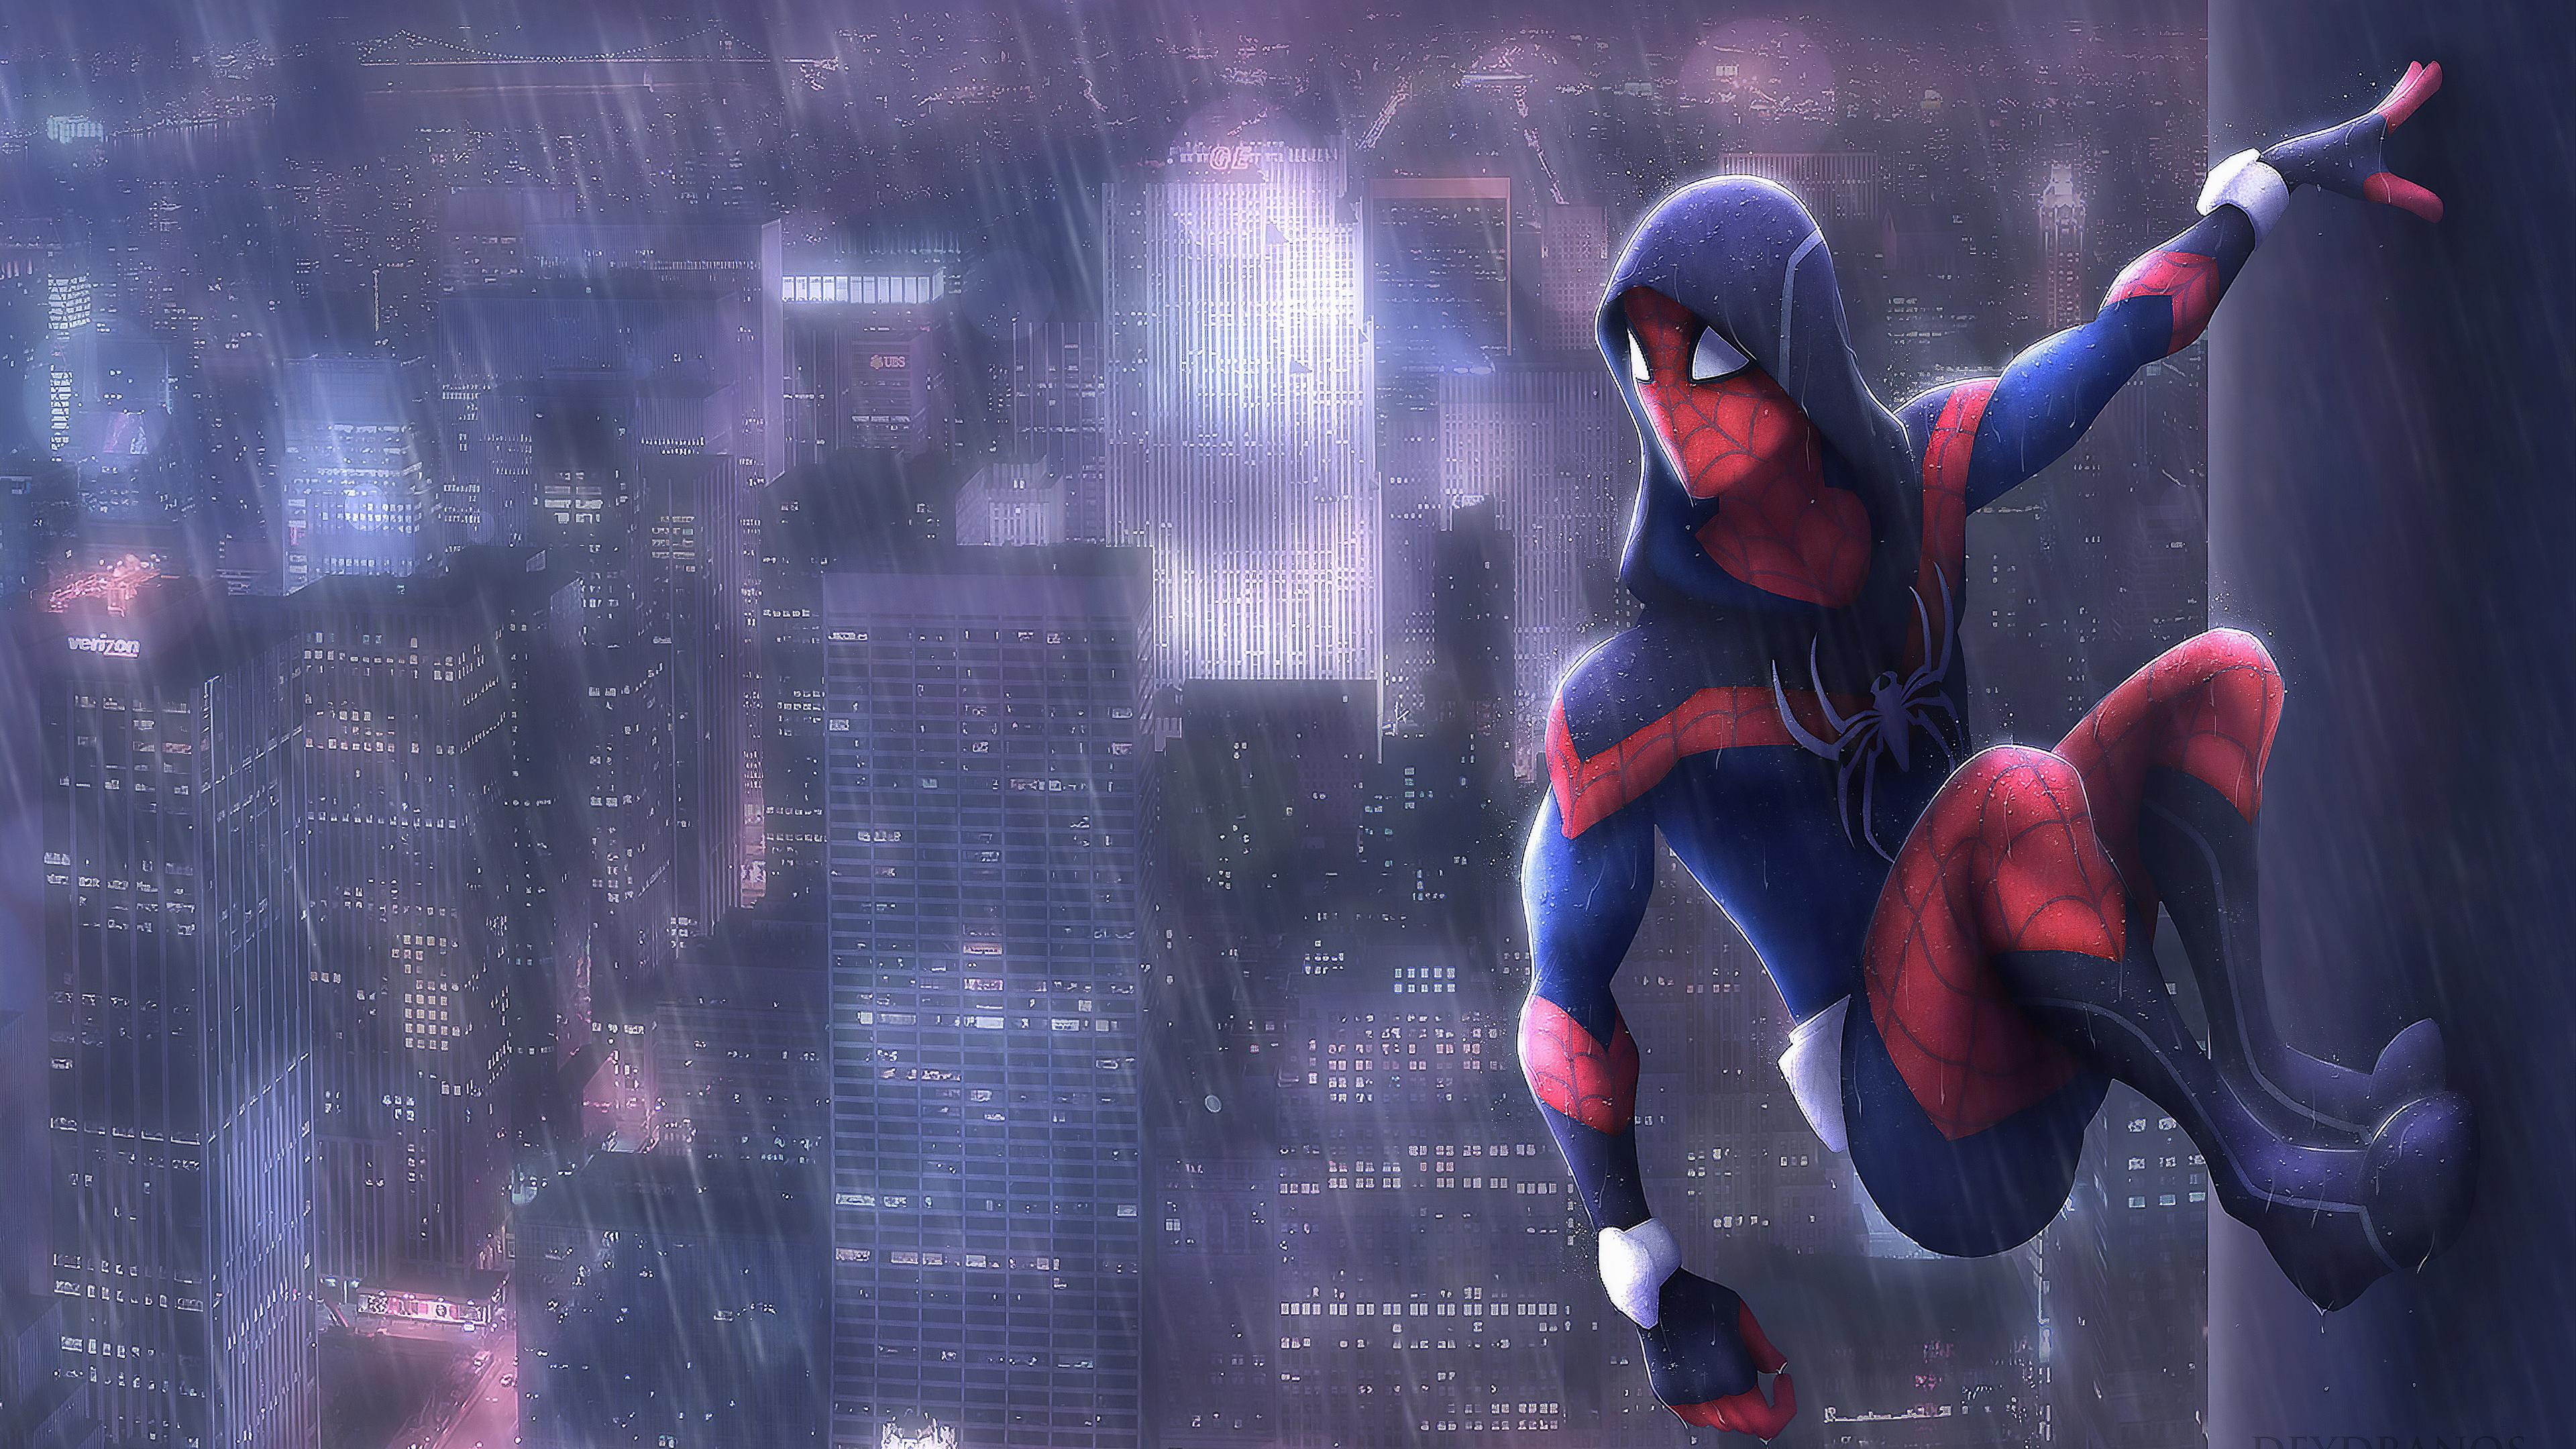 1920x1080 Spiderman In Rain Art Laptop Full Hd 1080p Hd 4k